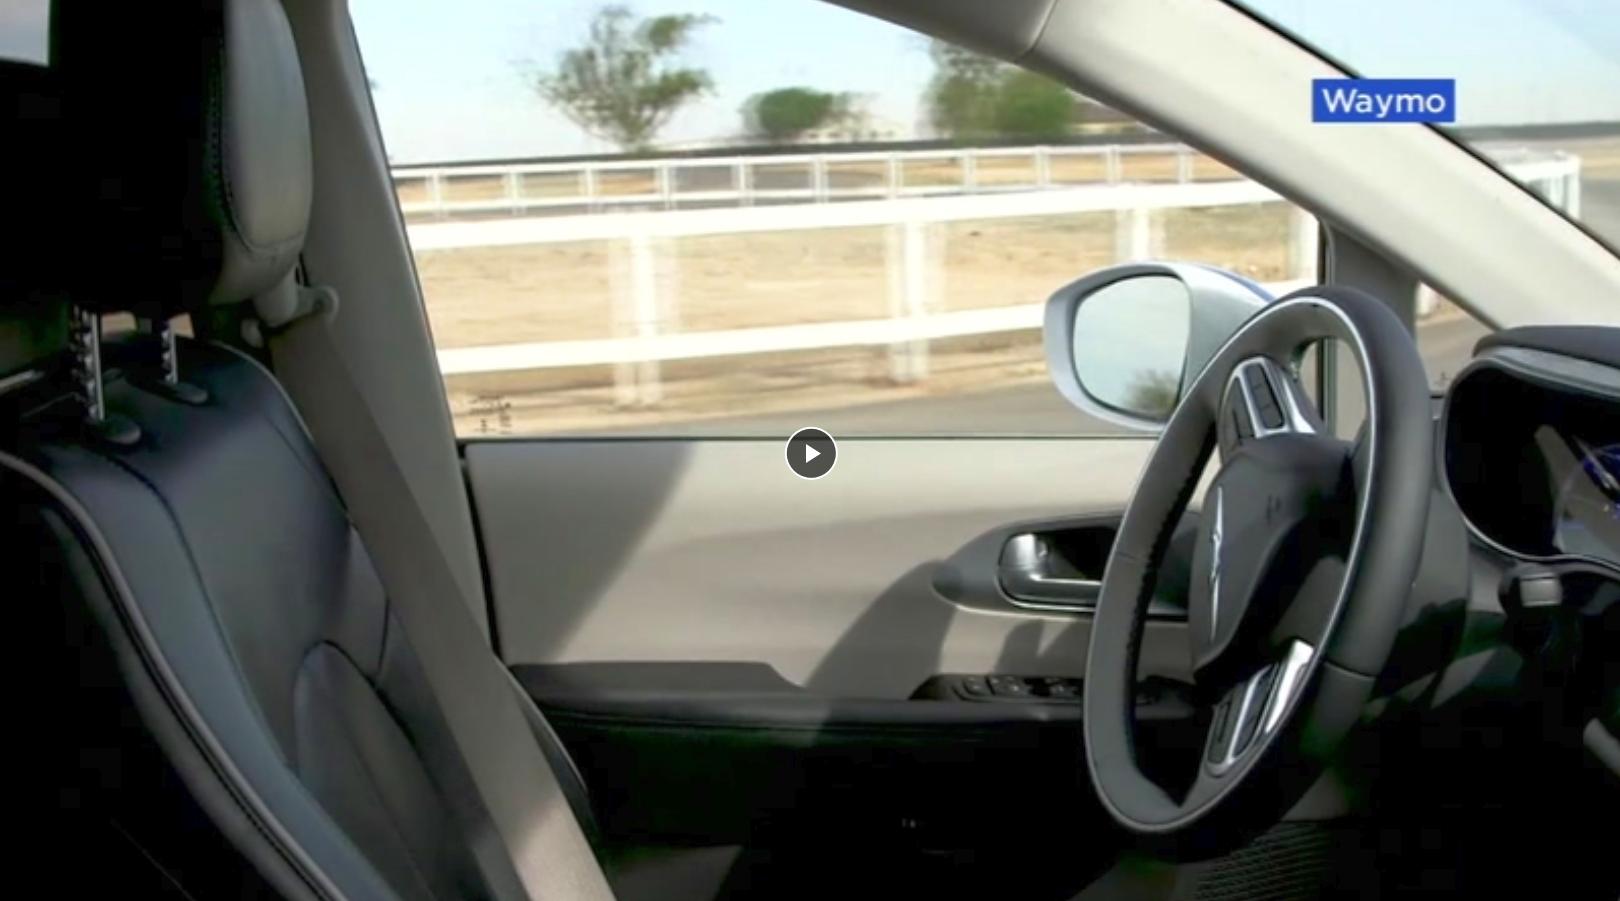 autonomiczna-taksowka-waymo-one-zobaczcie-jak-wyglada-jazda